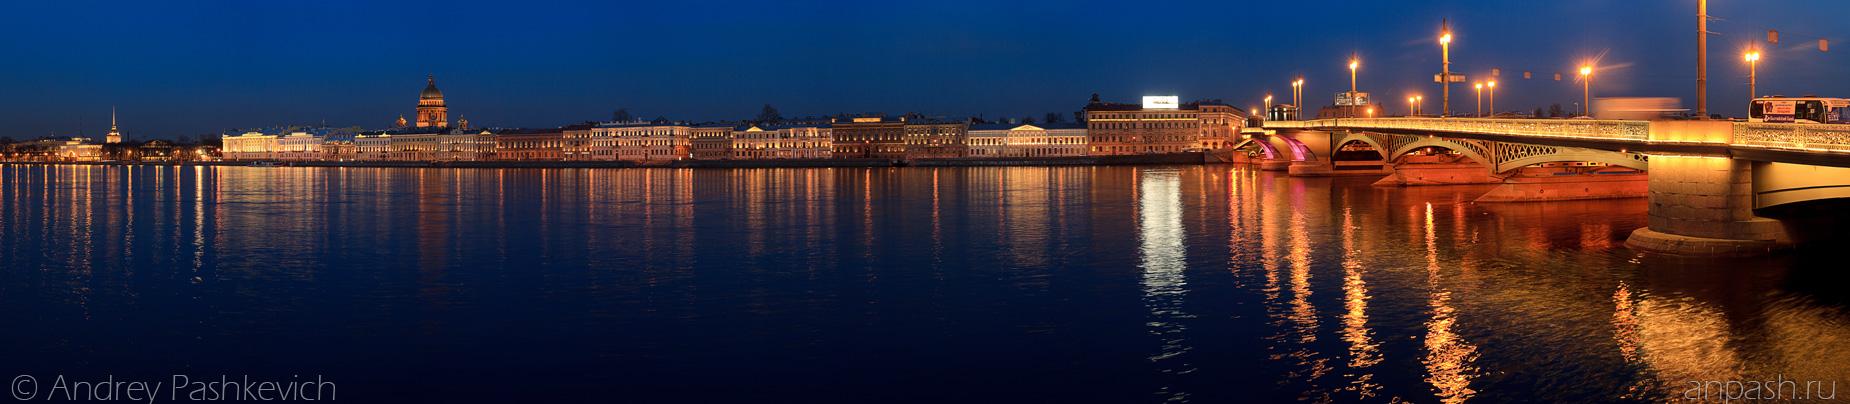 Красивые и необычные панорамные фотографии Санкт-Петербурга 4